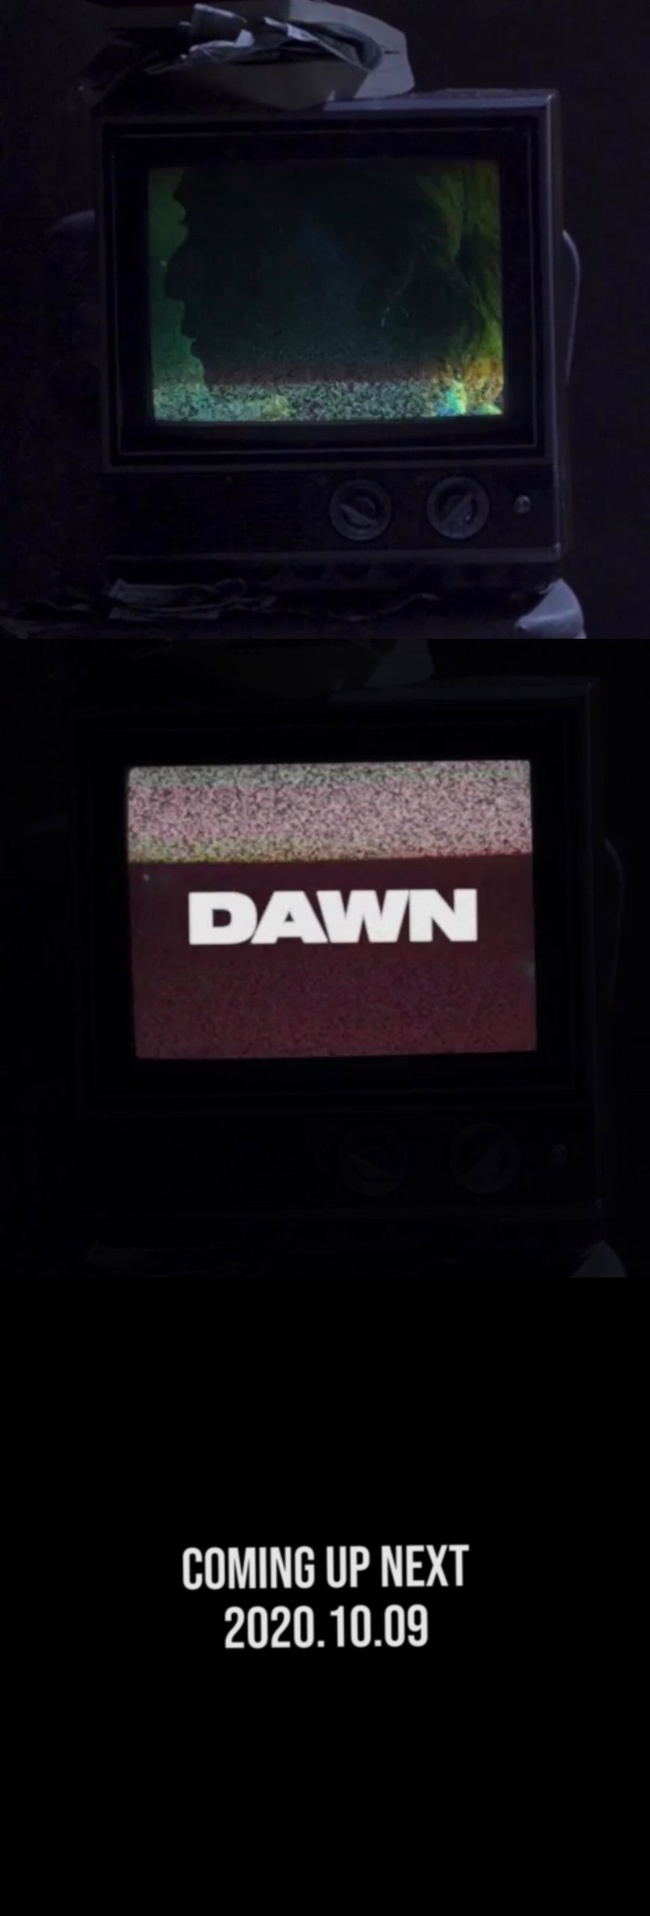 9일(금), 던(DAWN) 미니 앨범 1집 '던디리던' 발매 | 인스티즈